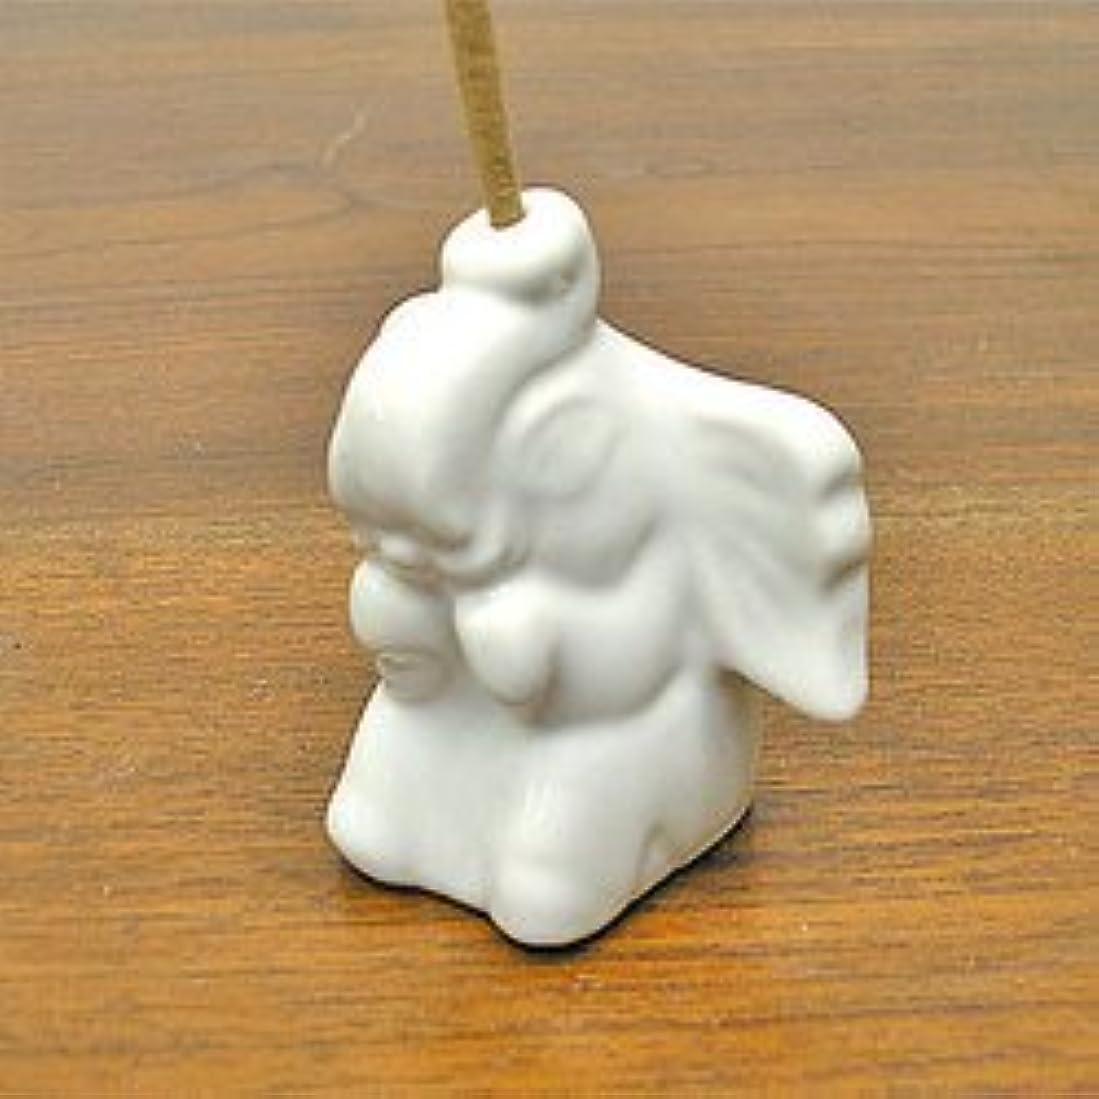 スキニー反逆者プーノ象さんのお香立て <白> インセンスホルダー/スティックタイプ用お香立て?お香たて アジアン雑貨